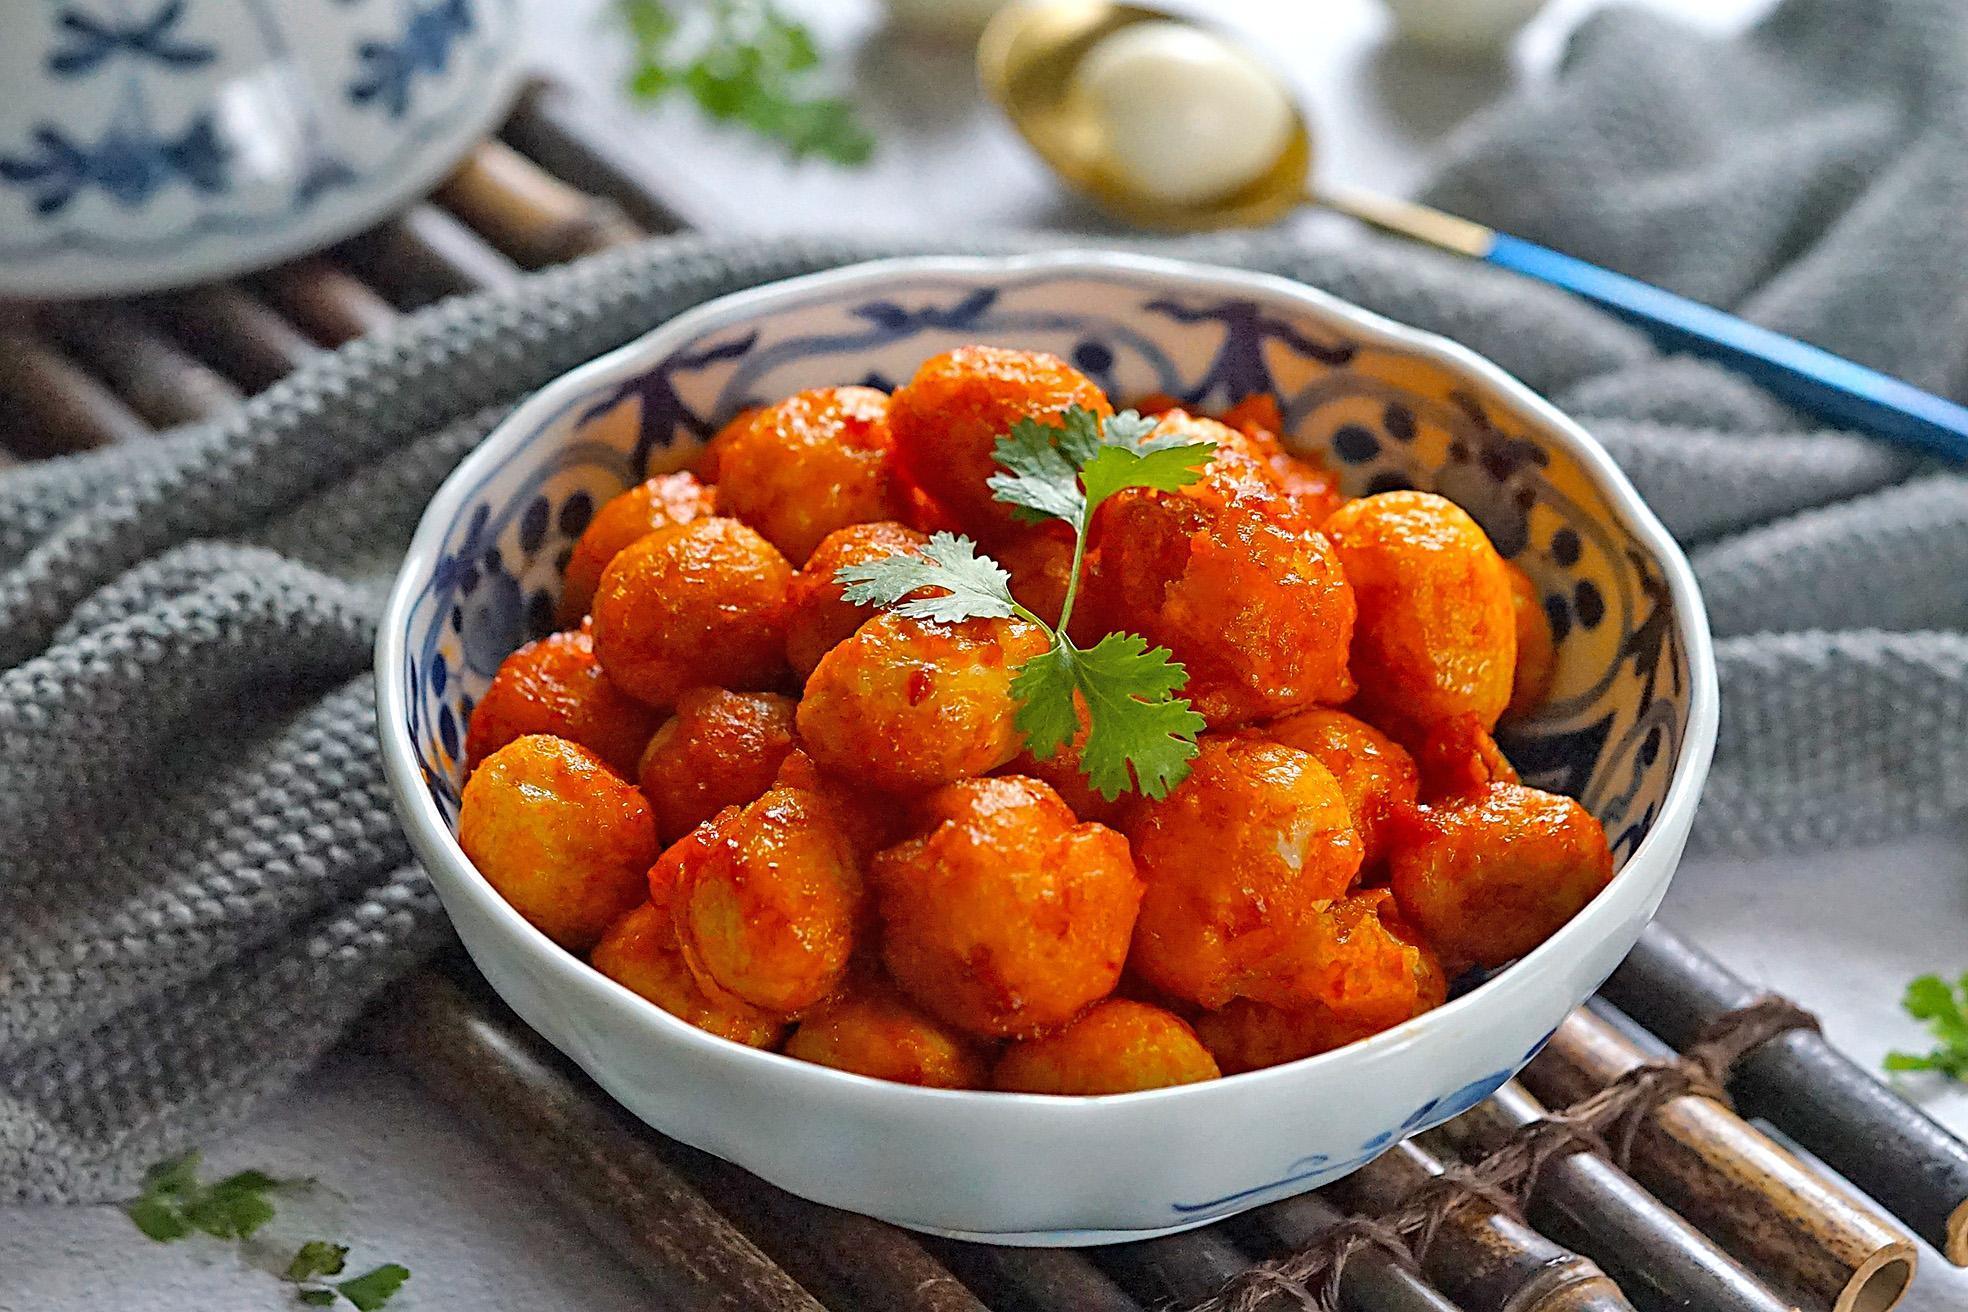 茄汁鹌鹑腊肠蛋年夜饭荷兰豆炒脆皮图片